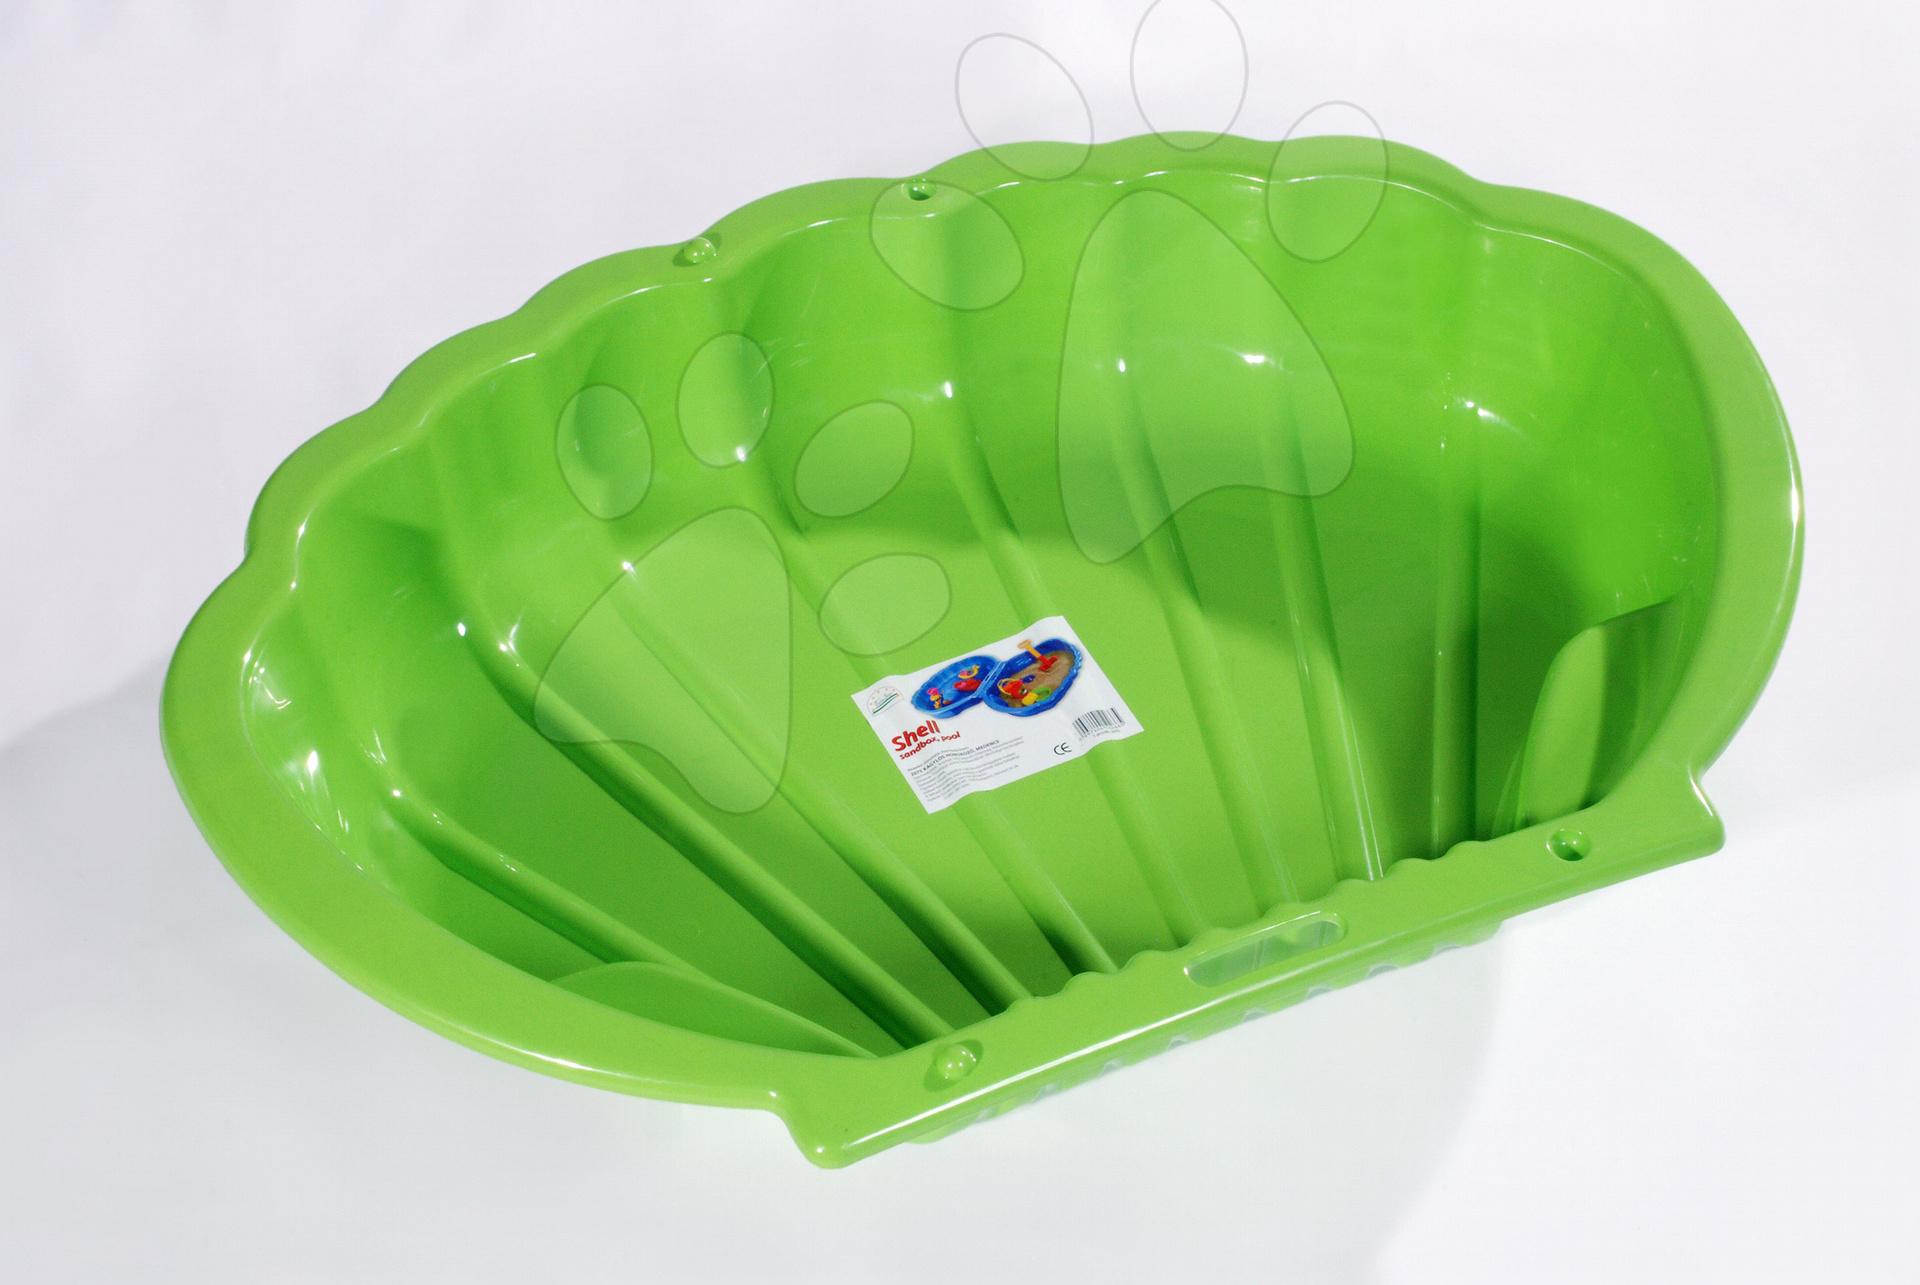 Pieskoviská pre deti - Pieskovisko Mušľa Dohány objem 112 litrov 109*78 cm zelené od 24 mes